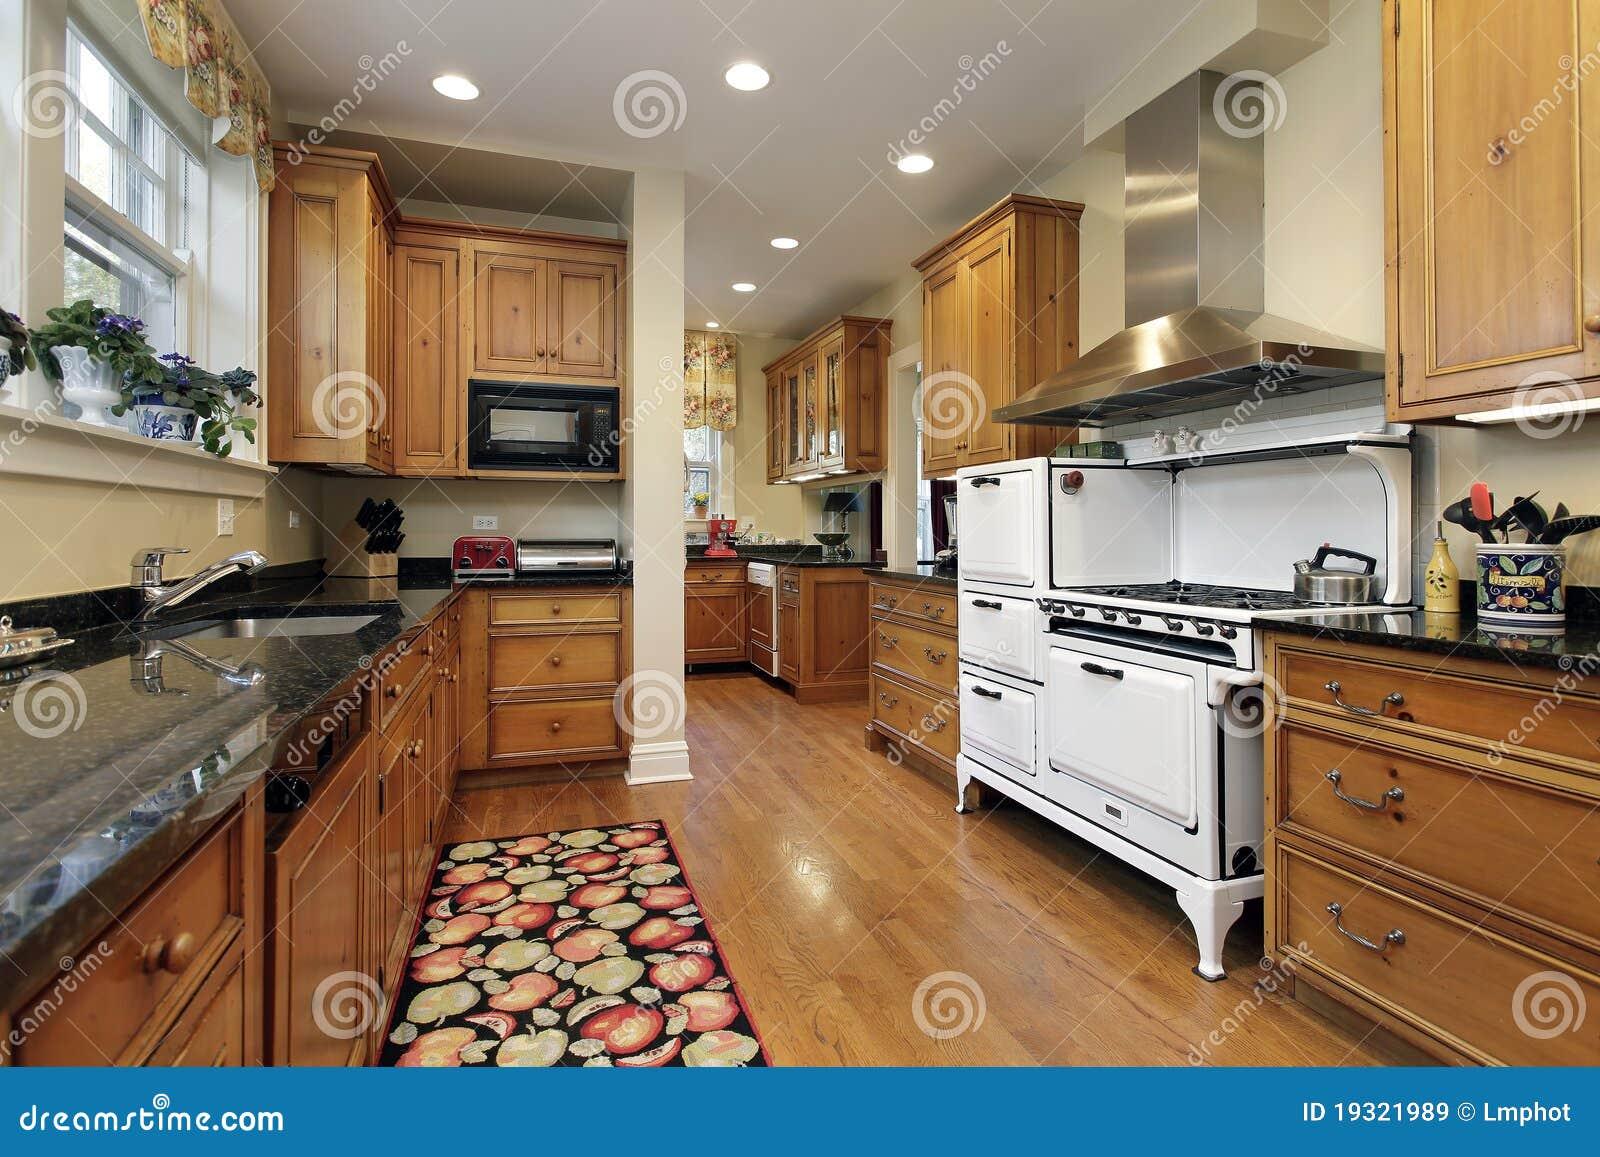 Cucina con cabinetry di legno di quercia immagine stock for Mobilia lavagna